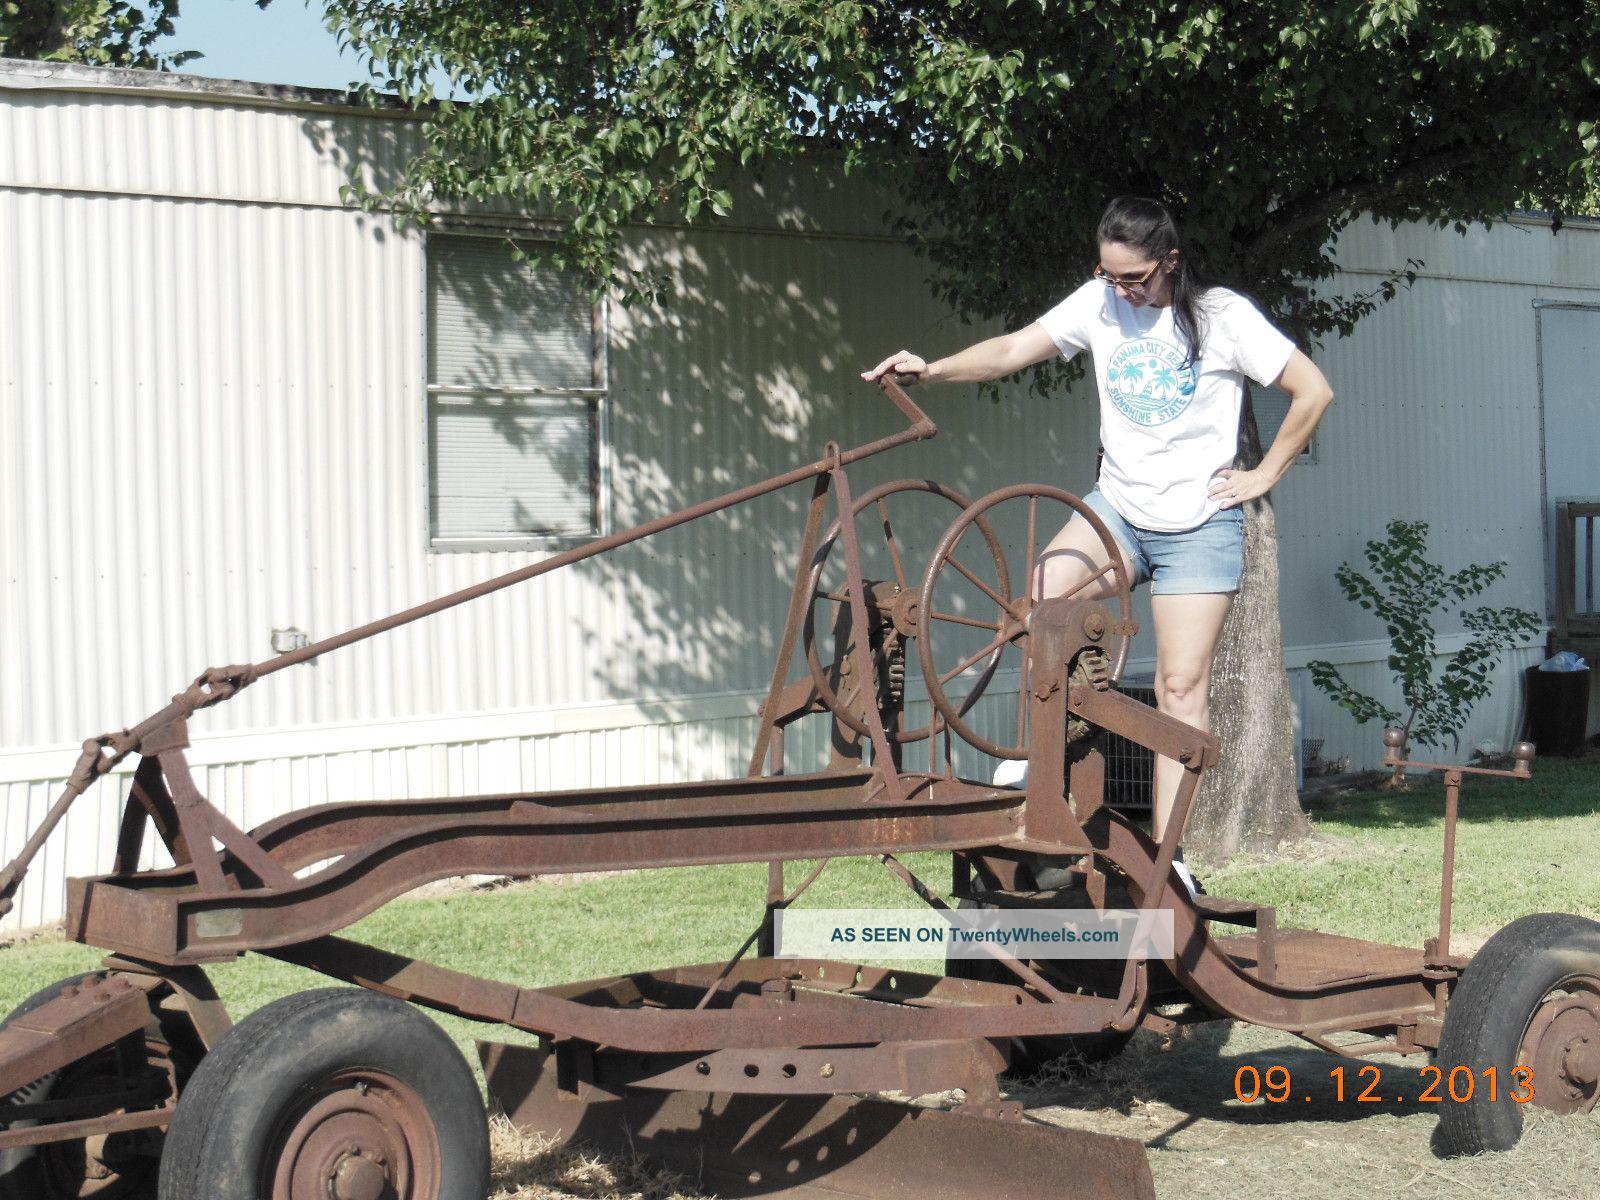 motolivellatrici grader Antique__vintage_road_grader__pull_type__by_horse_or_tractor___vintage_farm_grader_2_lgw